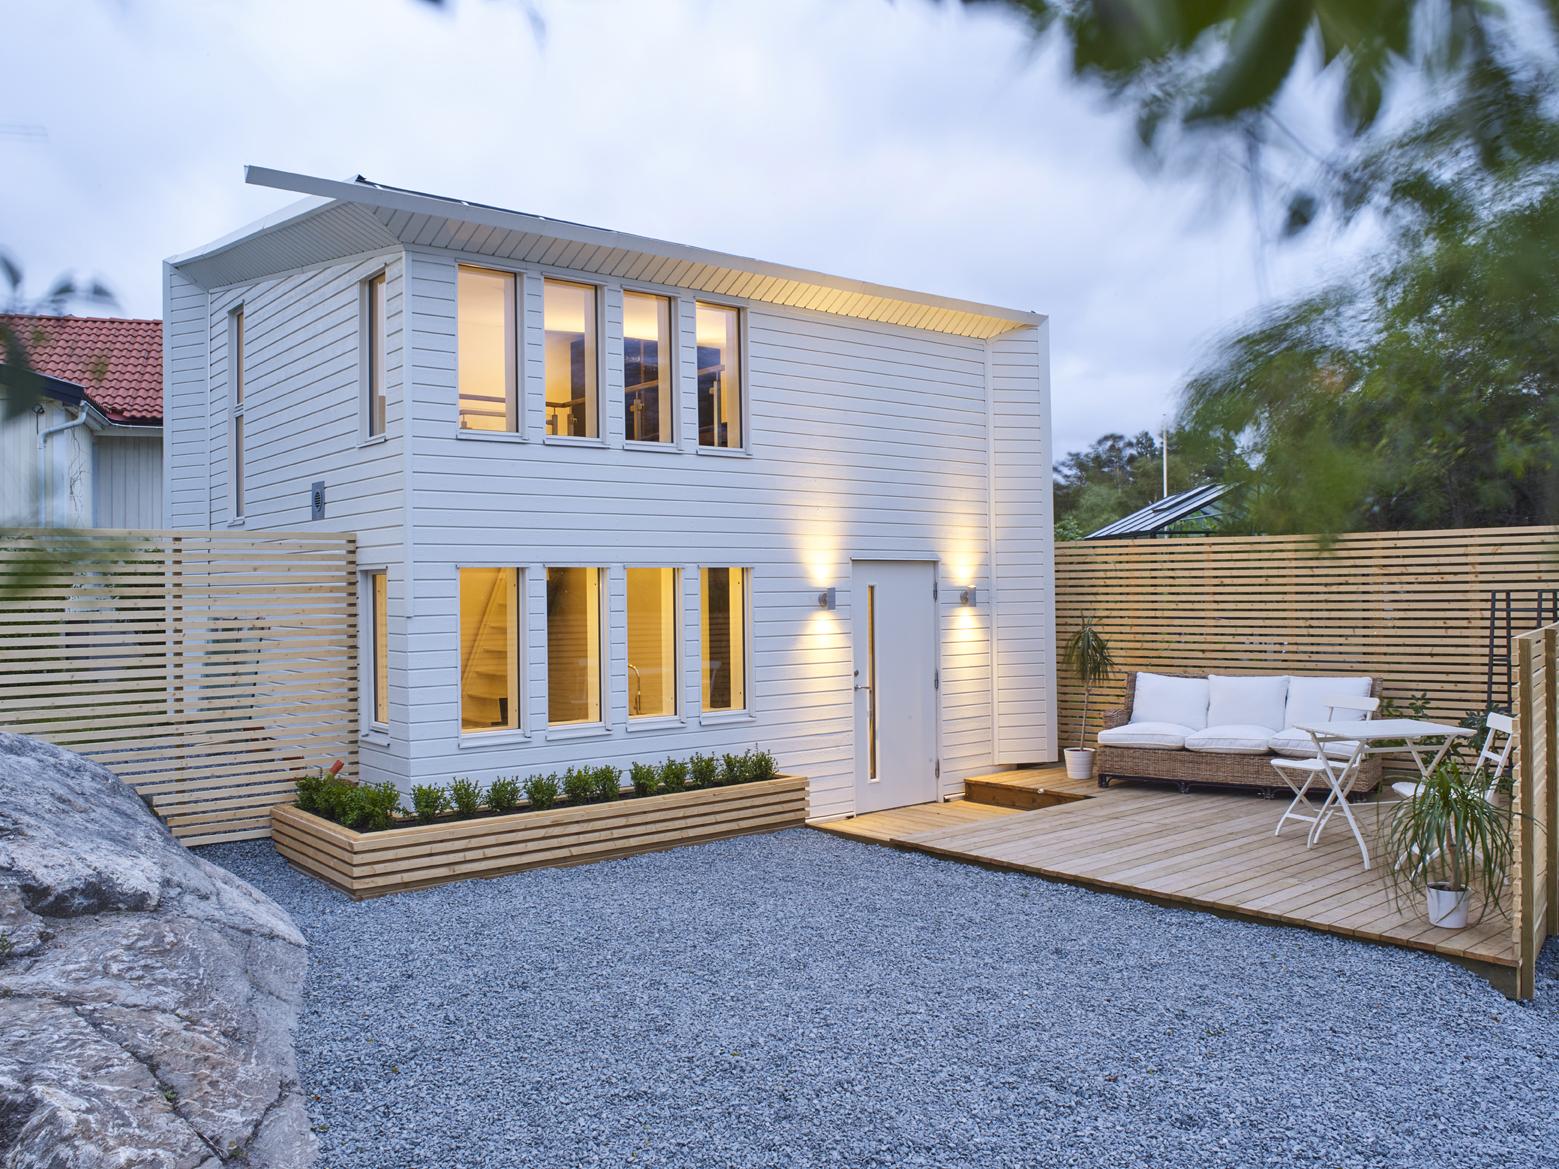 Properties for rent in torslanda - hjuvik, 1 rooms - Bostadsportal